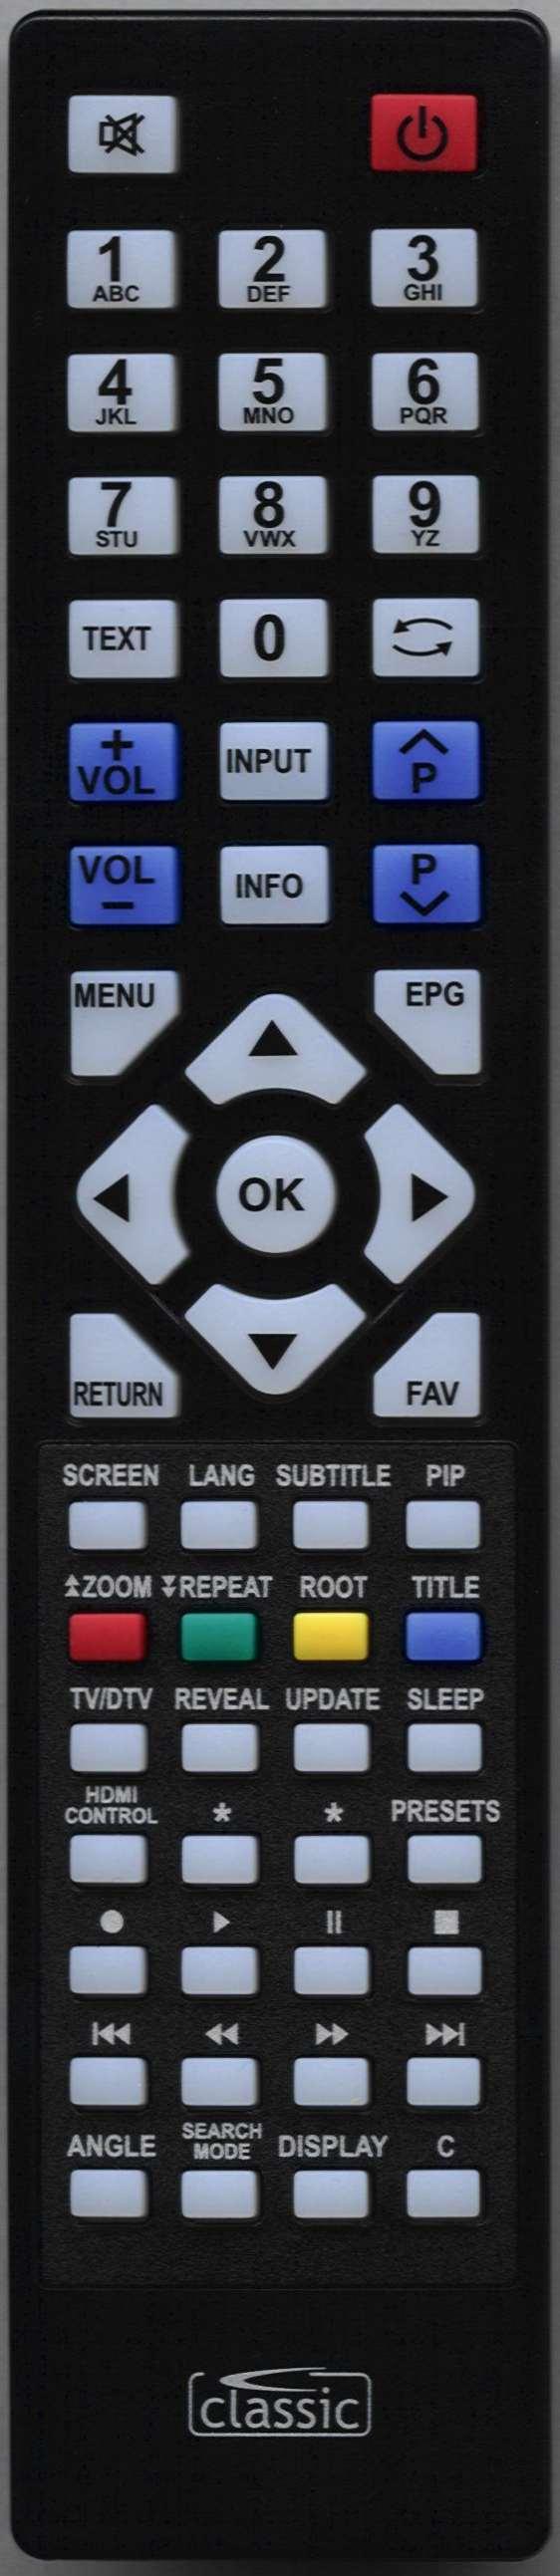 LUXOR LUX32875HDR Remote Control Alternative